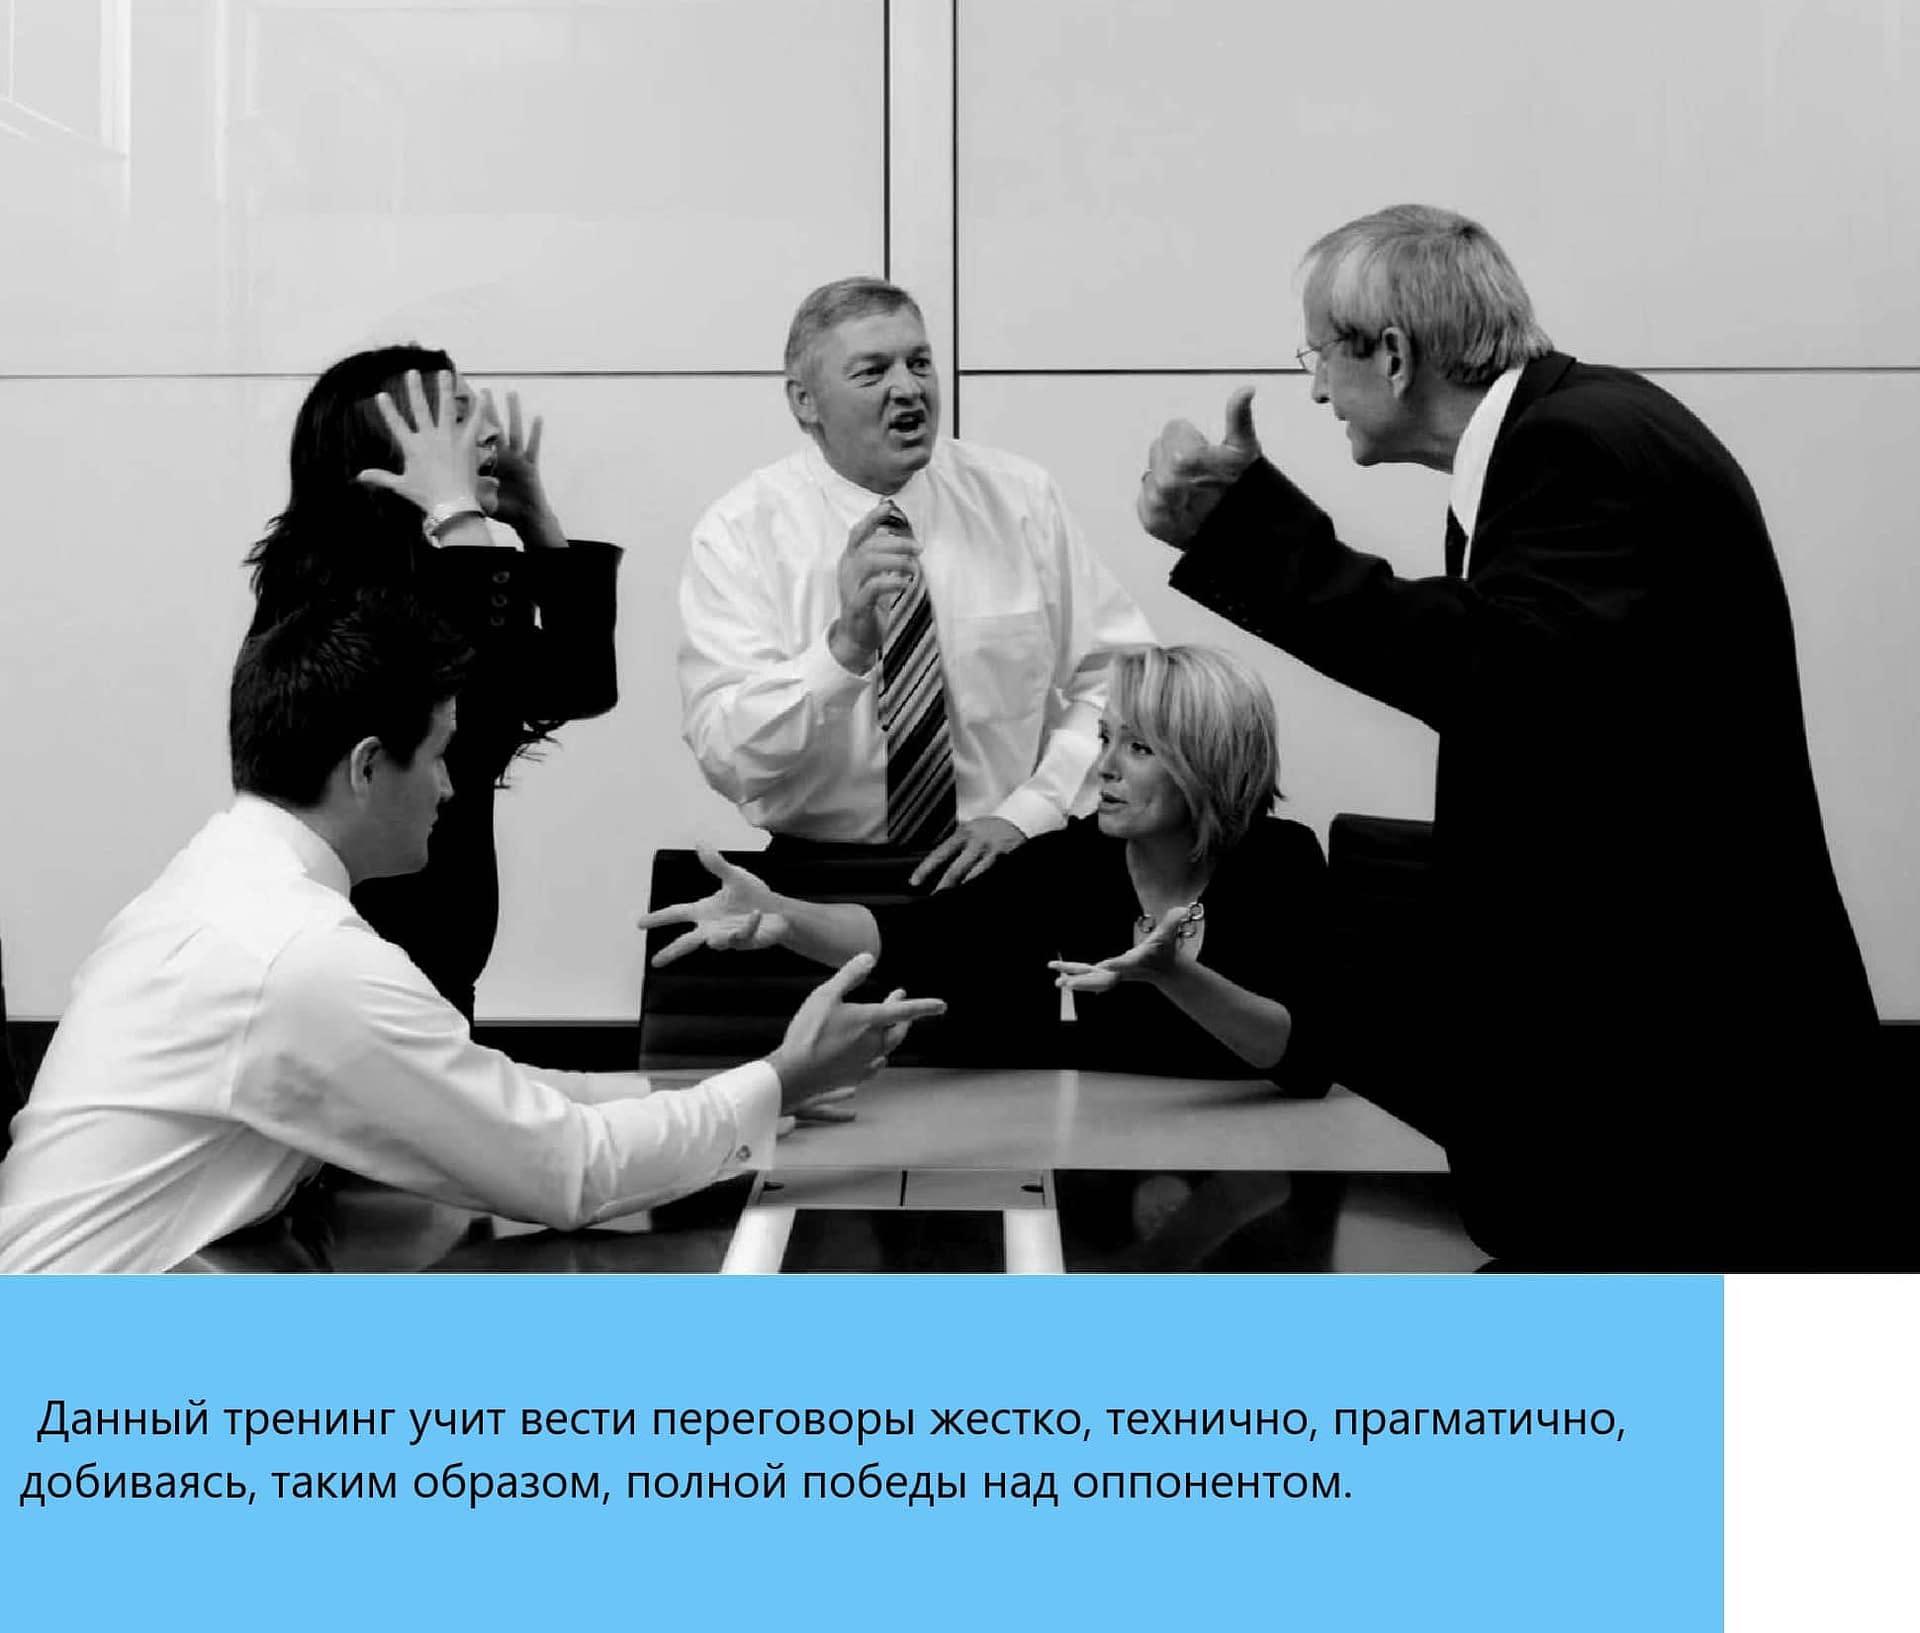 Тренинг: «Агрессивные и жесткие переговоры: как влиять и противостоять влиянию»